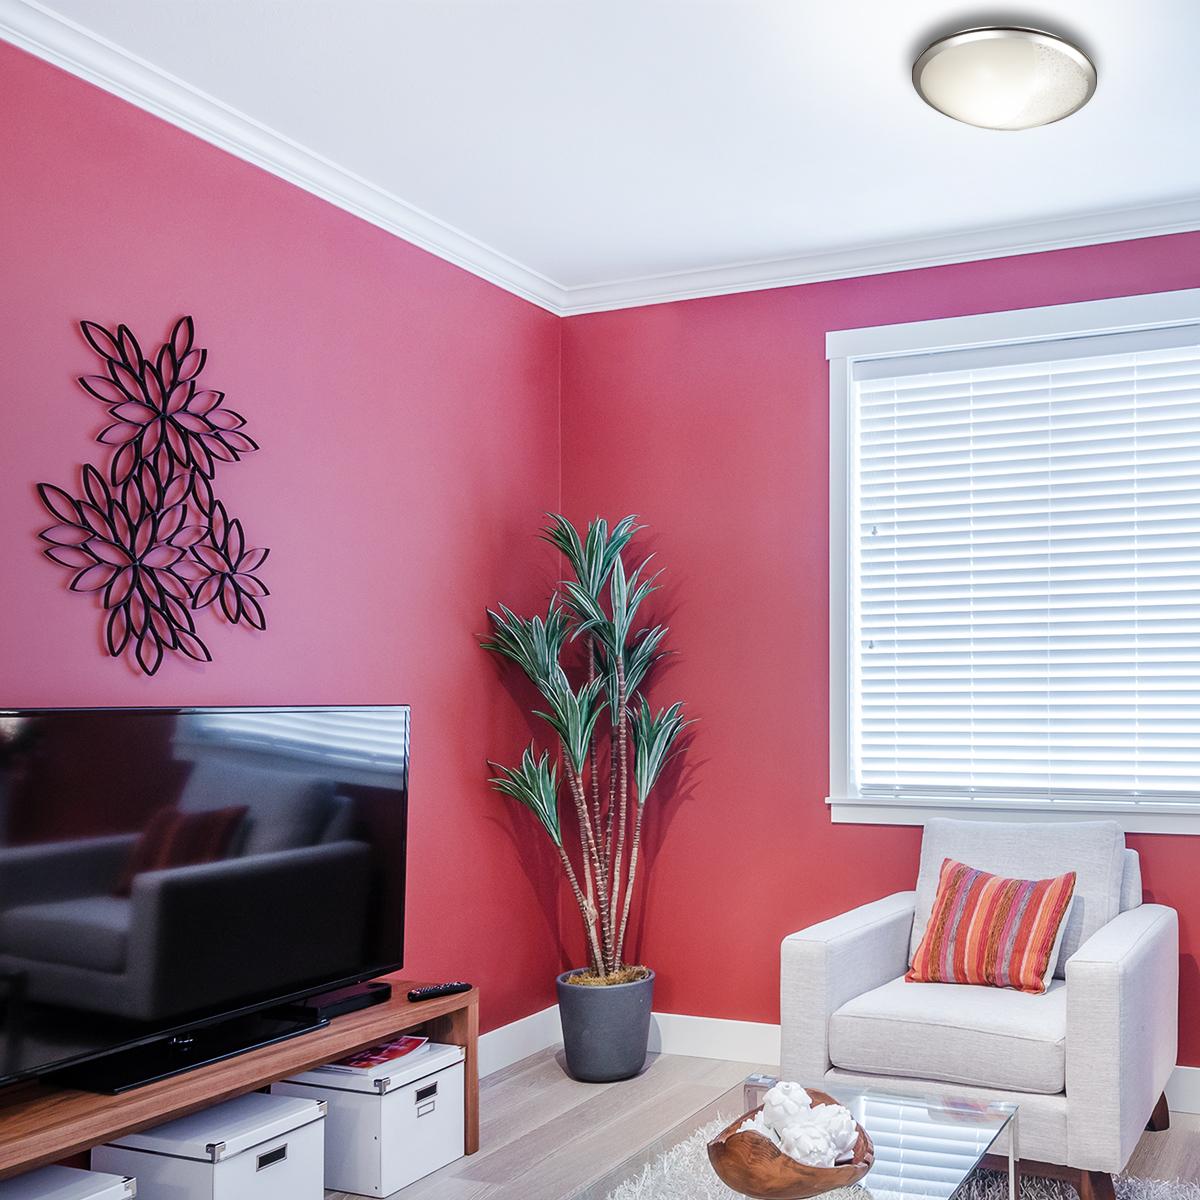 Потолочный светодиодный светильник Sonex Keza 2063/DL, LED 48W, хром, матовый, прозрачный, металл, стекло - фото 7